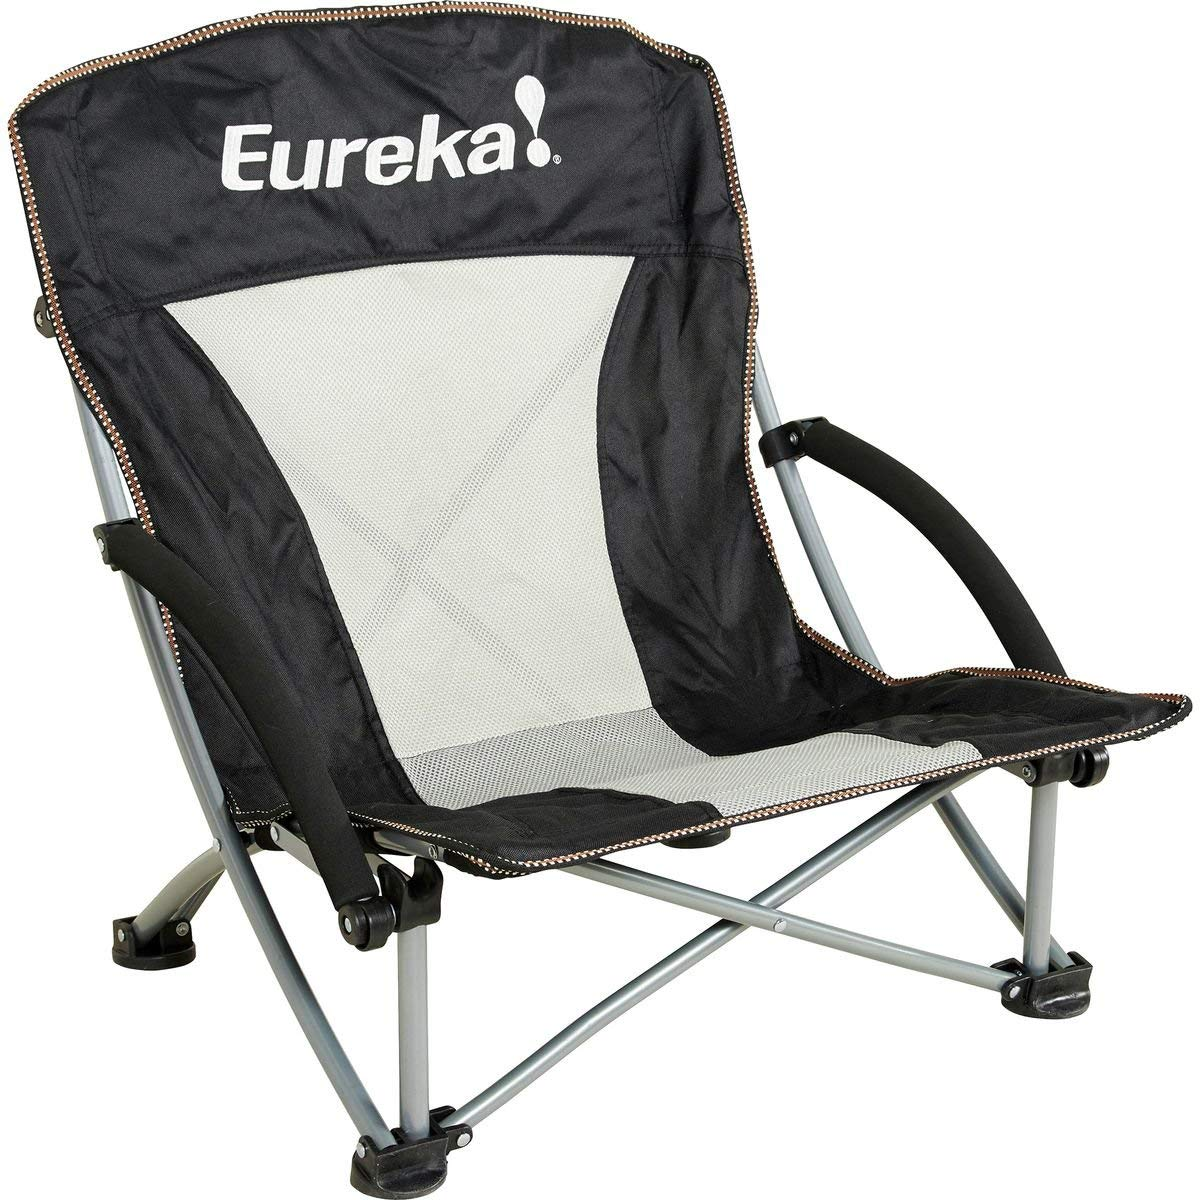 コンパクトCurvy椅子